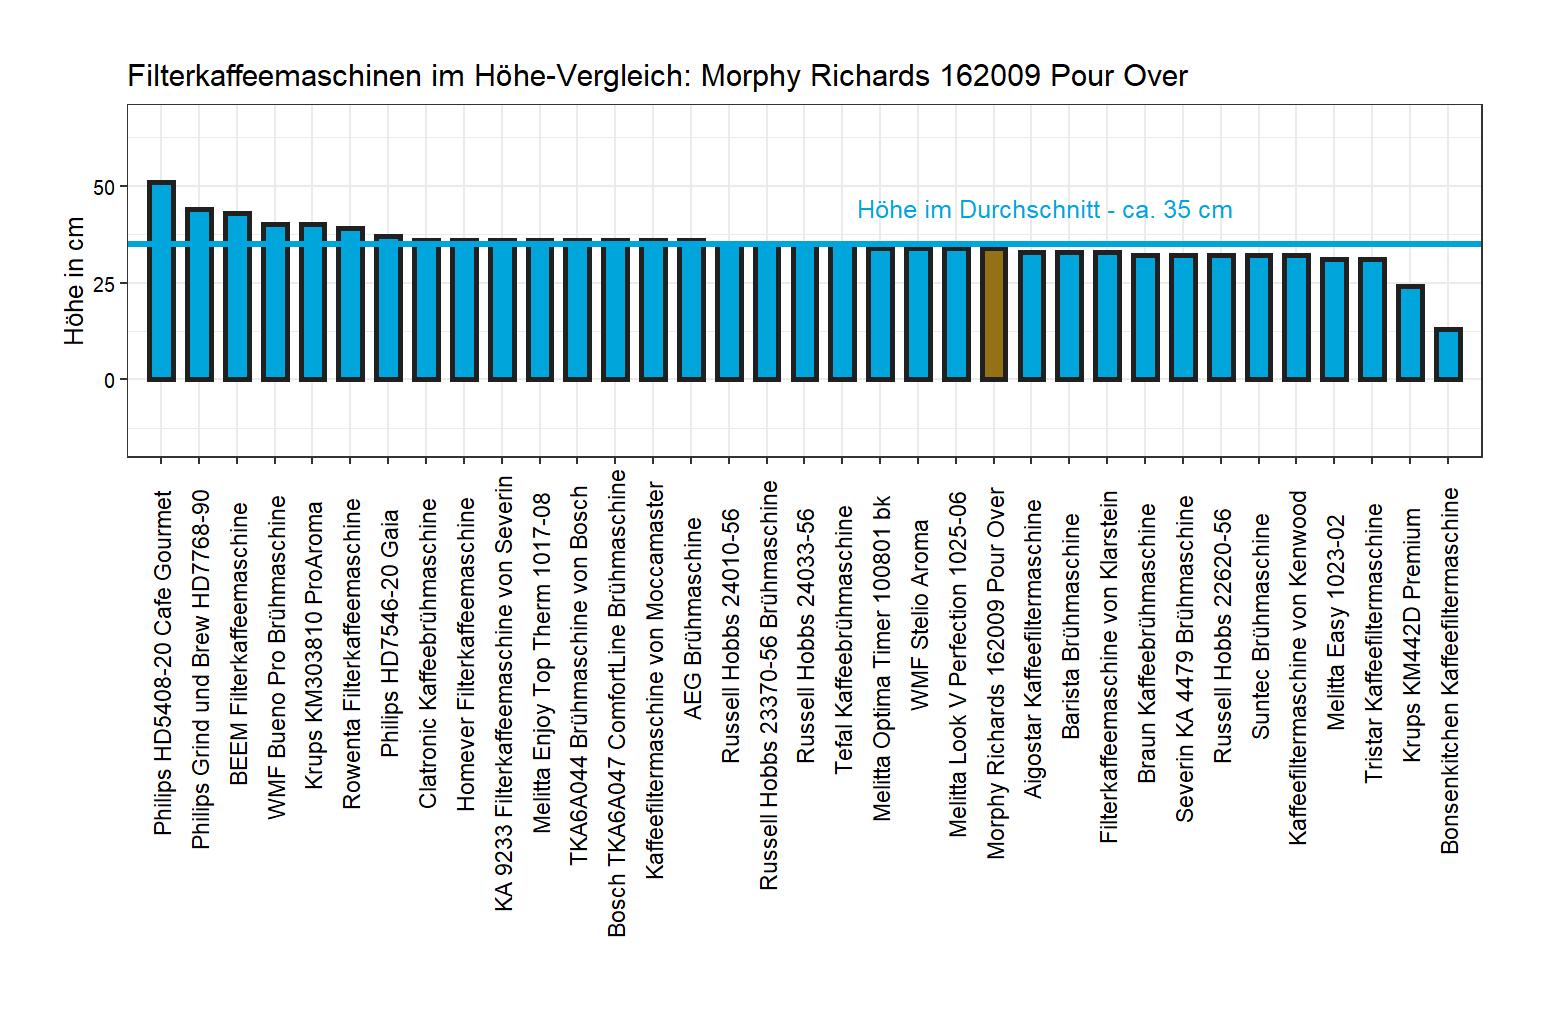 Höhe-Vergleich von der Morphy Richards Brühmaschine 162009 Pour Over